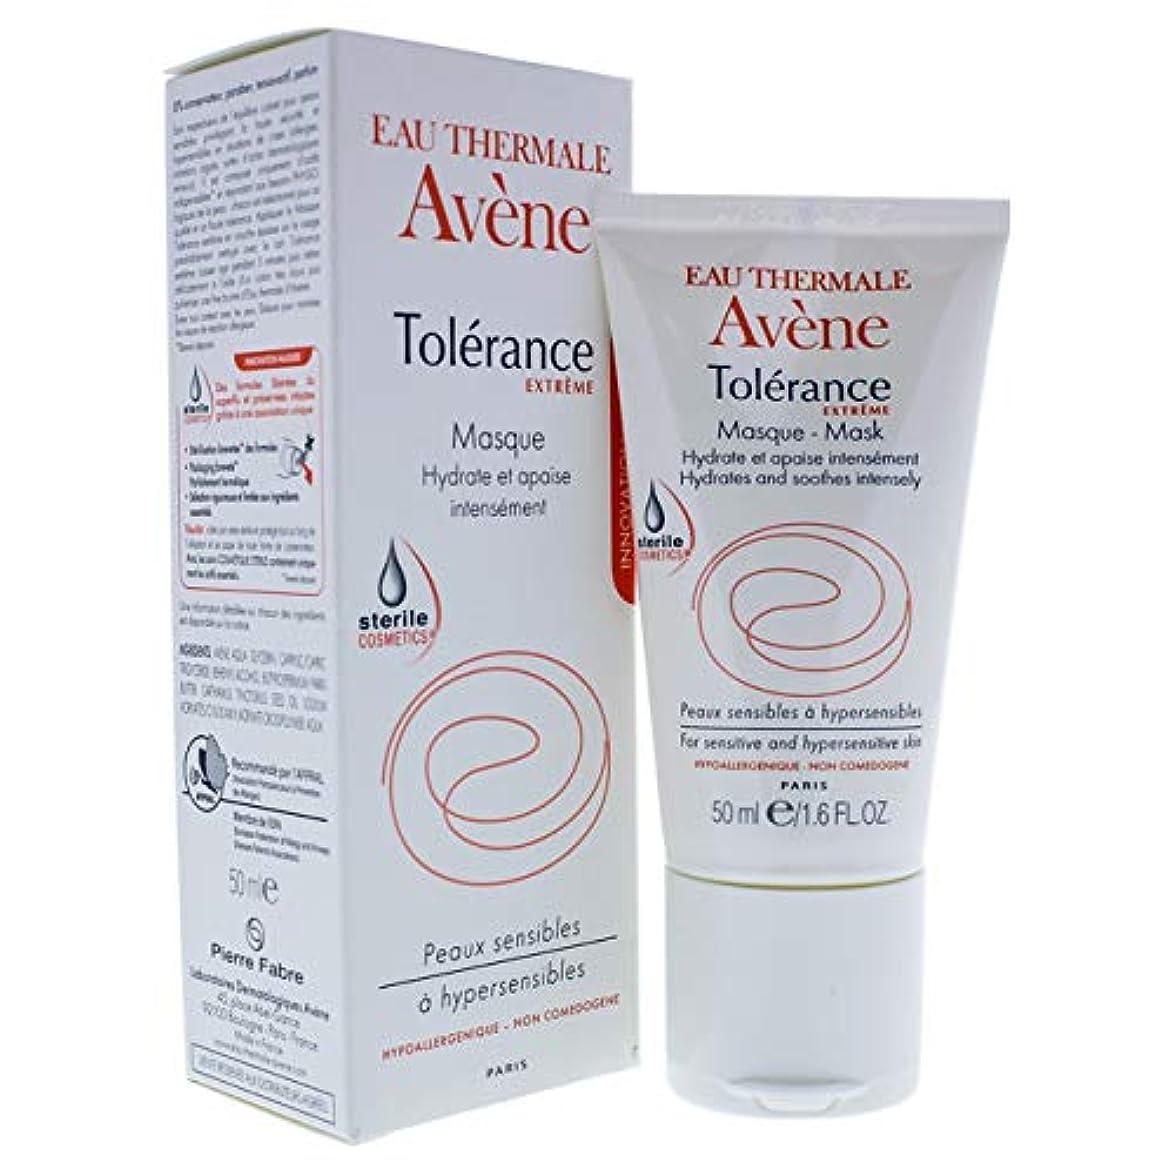 アベンヌ Tolerance Extreme Mask - For Sensitive & Hypersensitive Skin 50ml/1.6oz並行輸入品